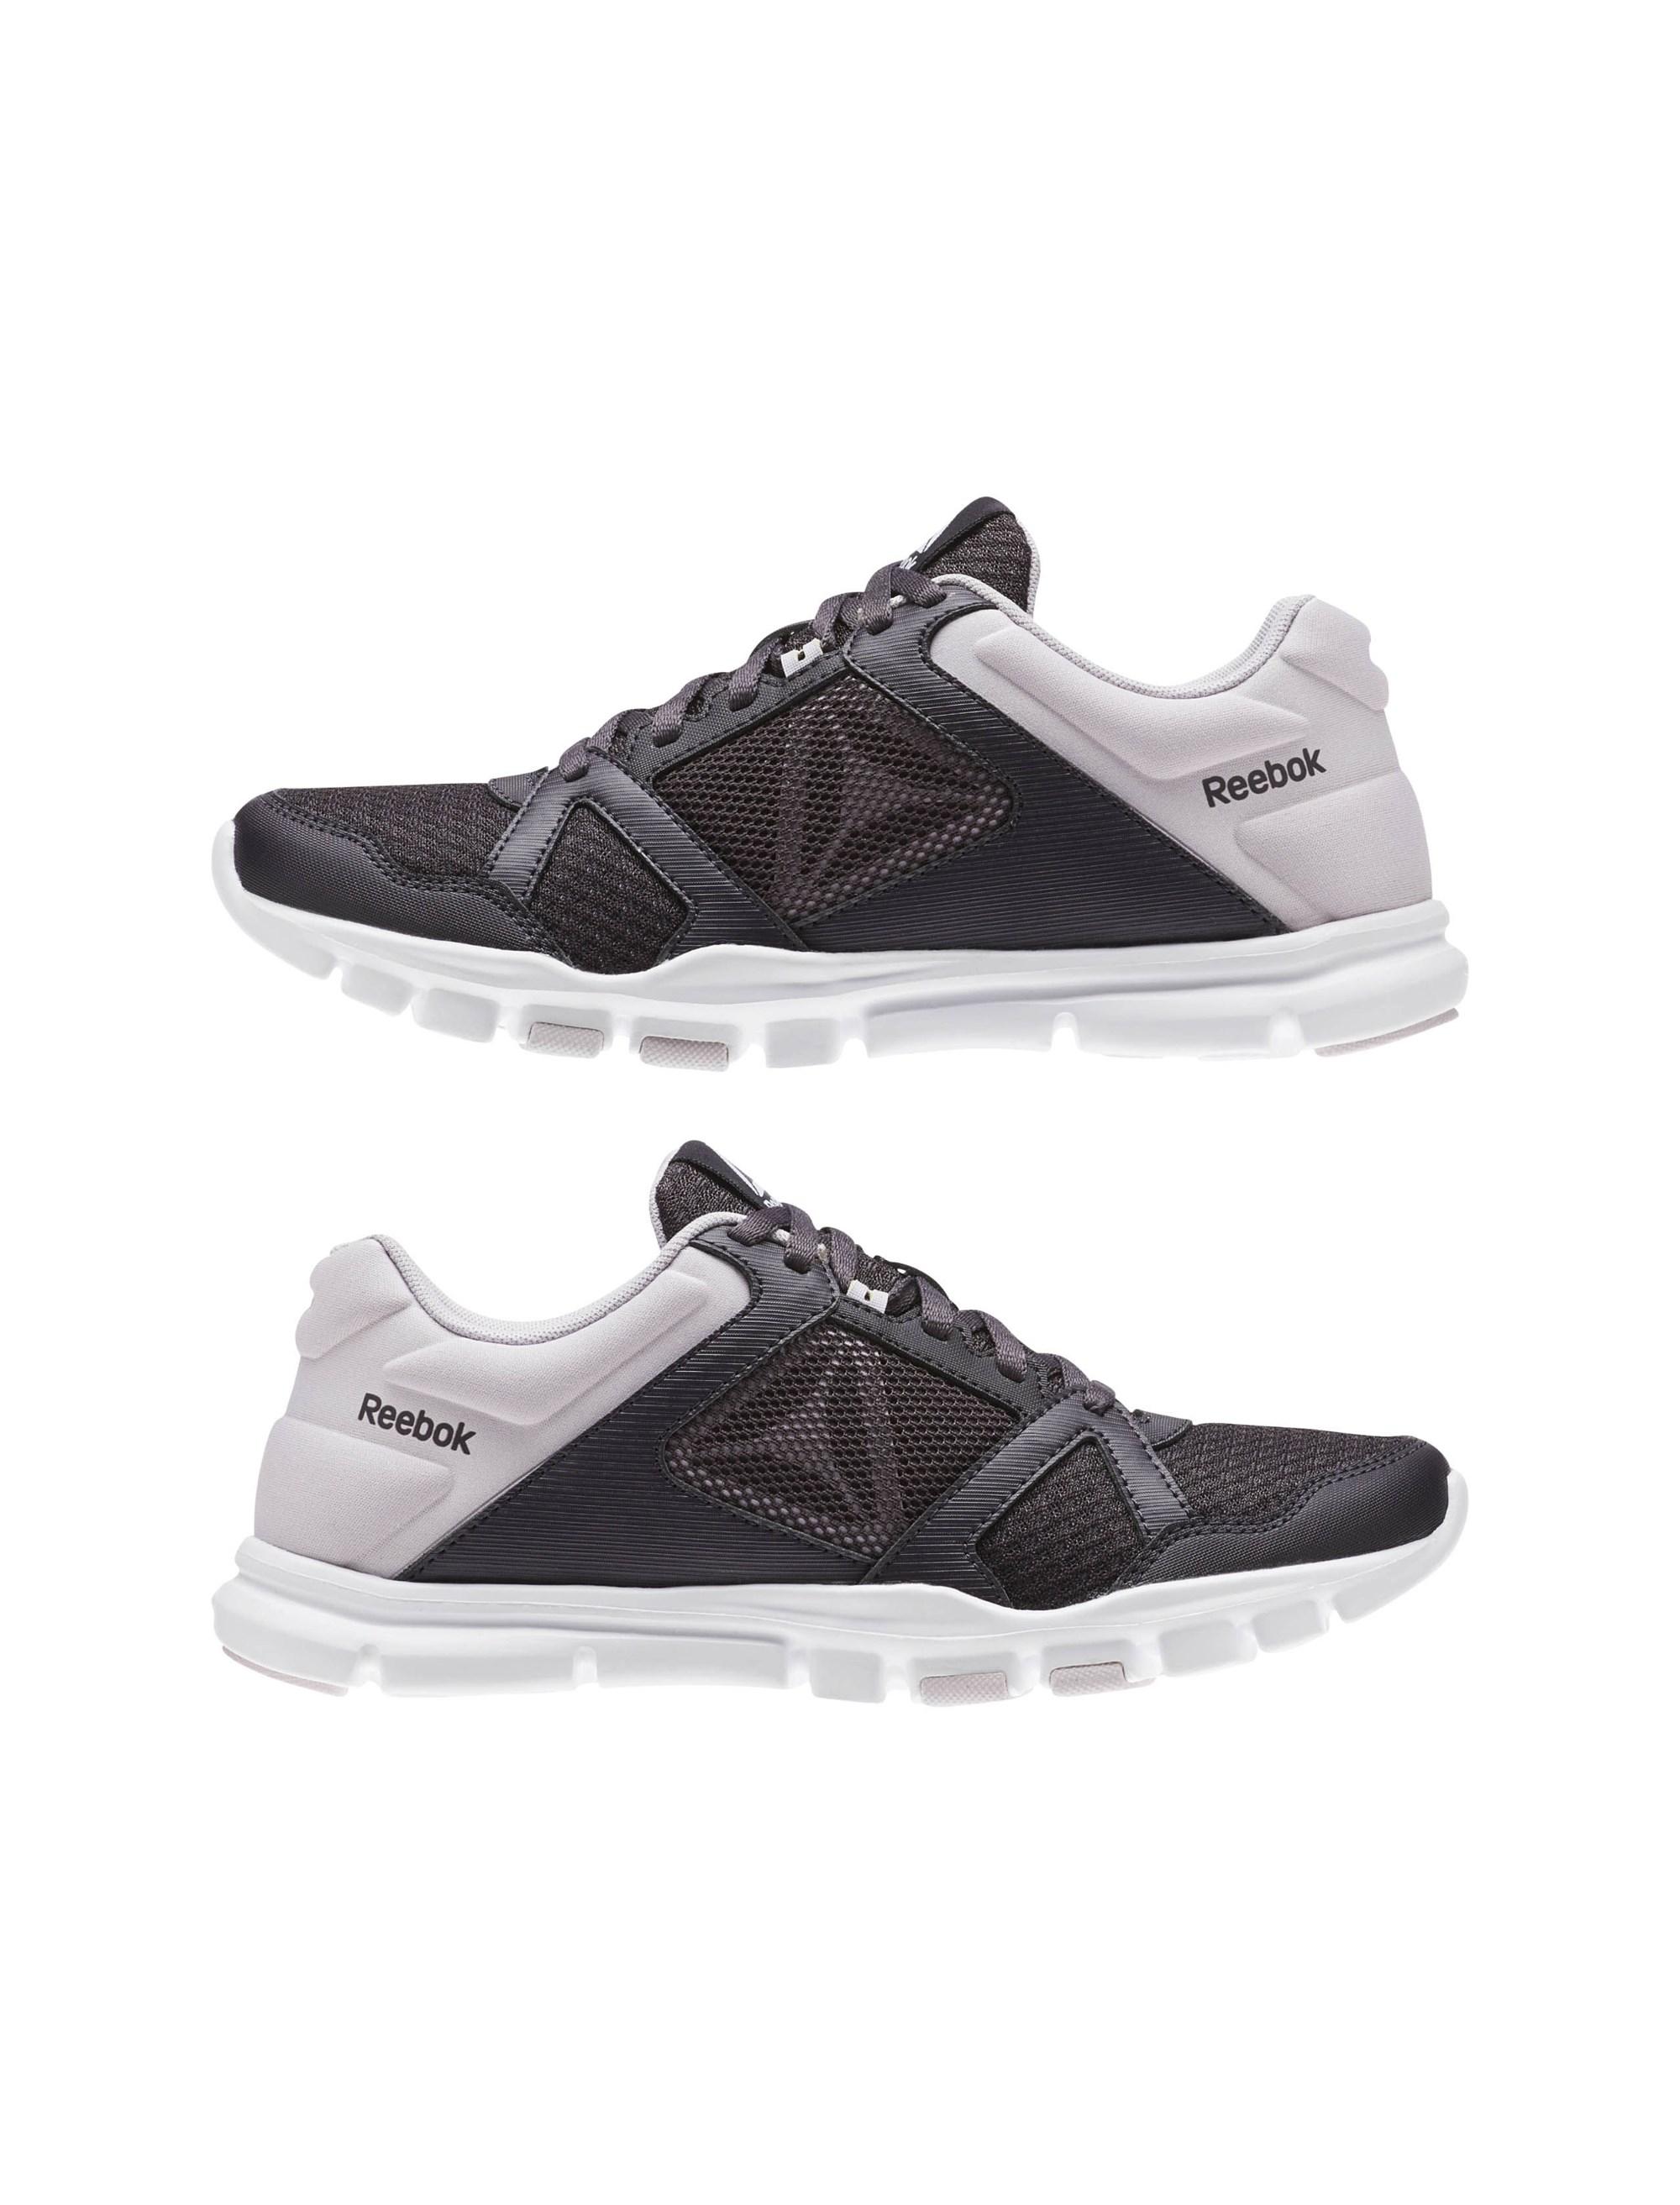 کفش تمرین زنانه Yourflex Trainette 10 MT - ریباک